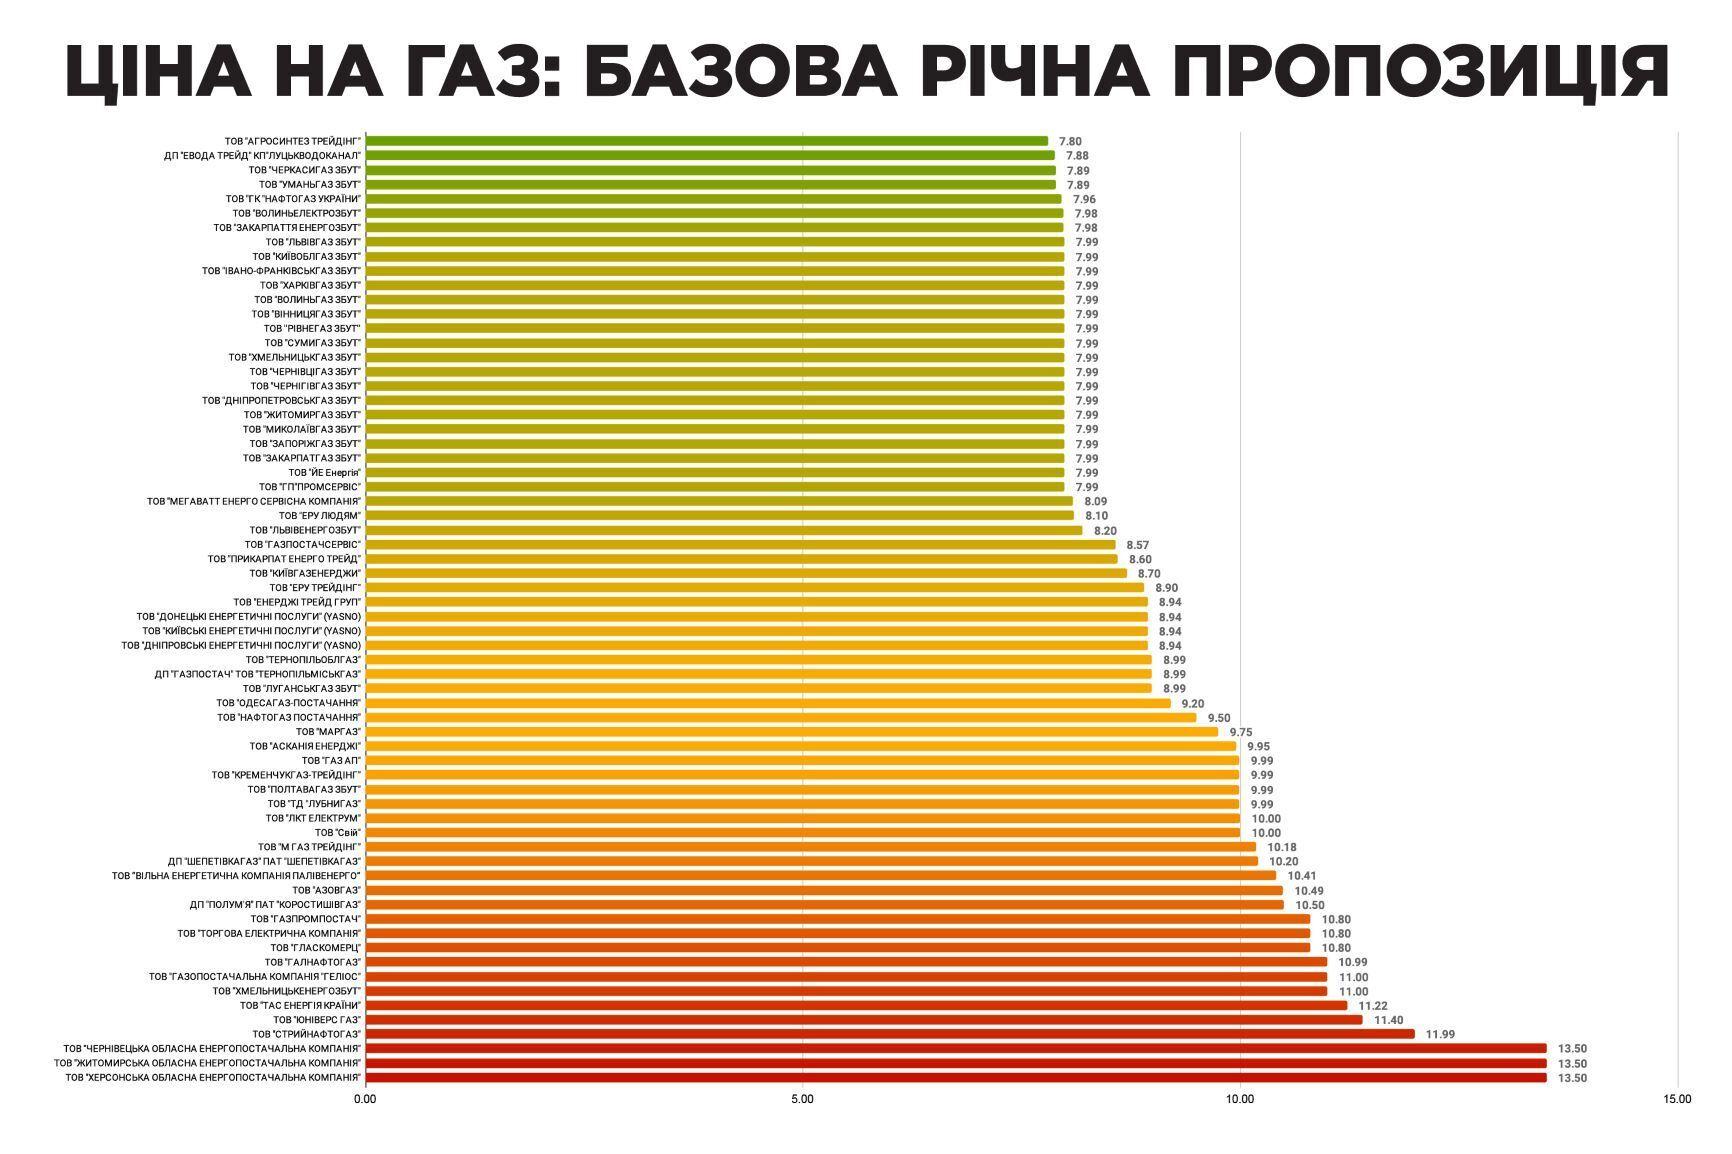 Всем украинцам пересчитали тарифы на газ: кто заплатит меньше всех